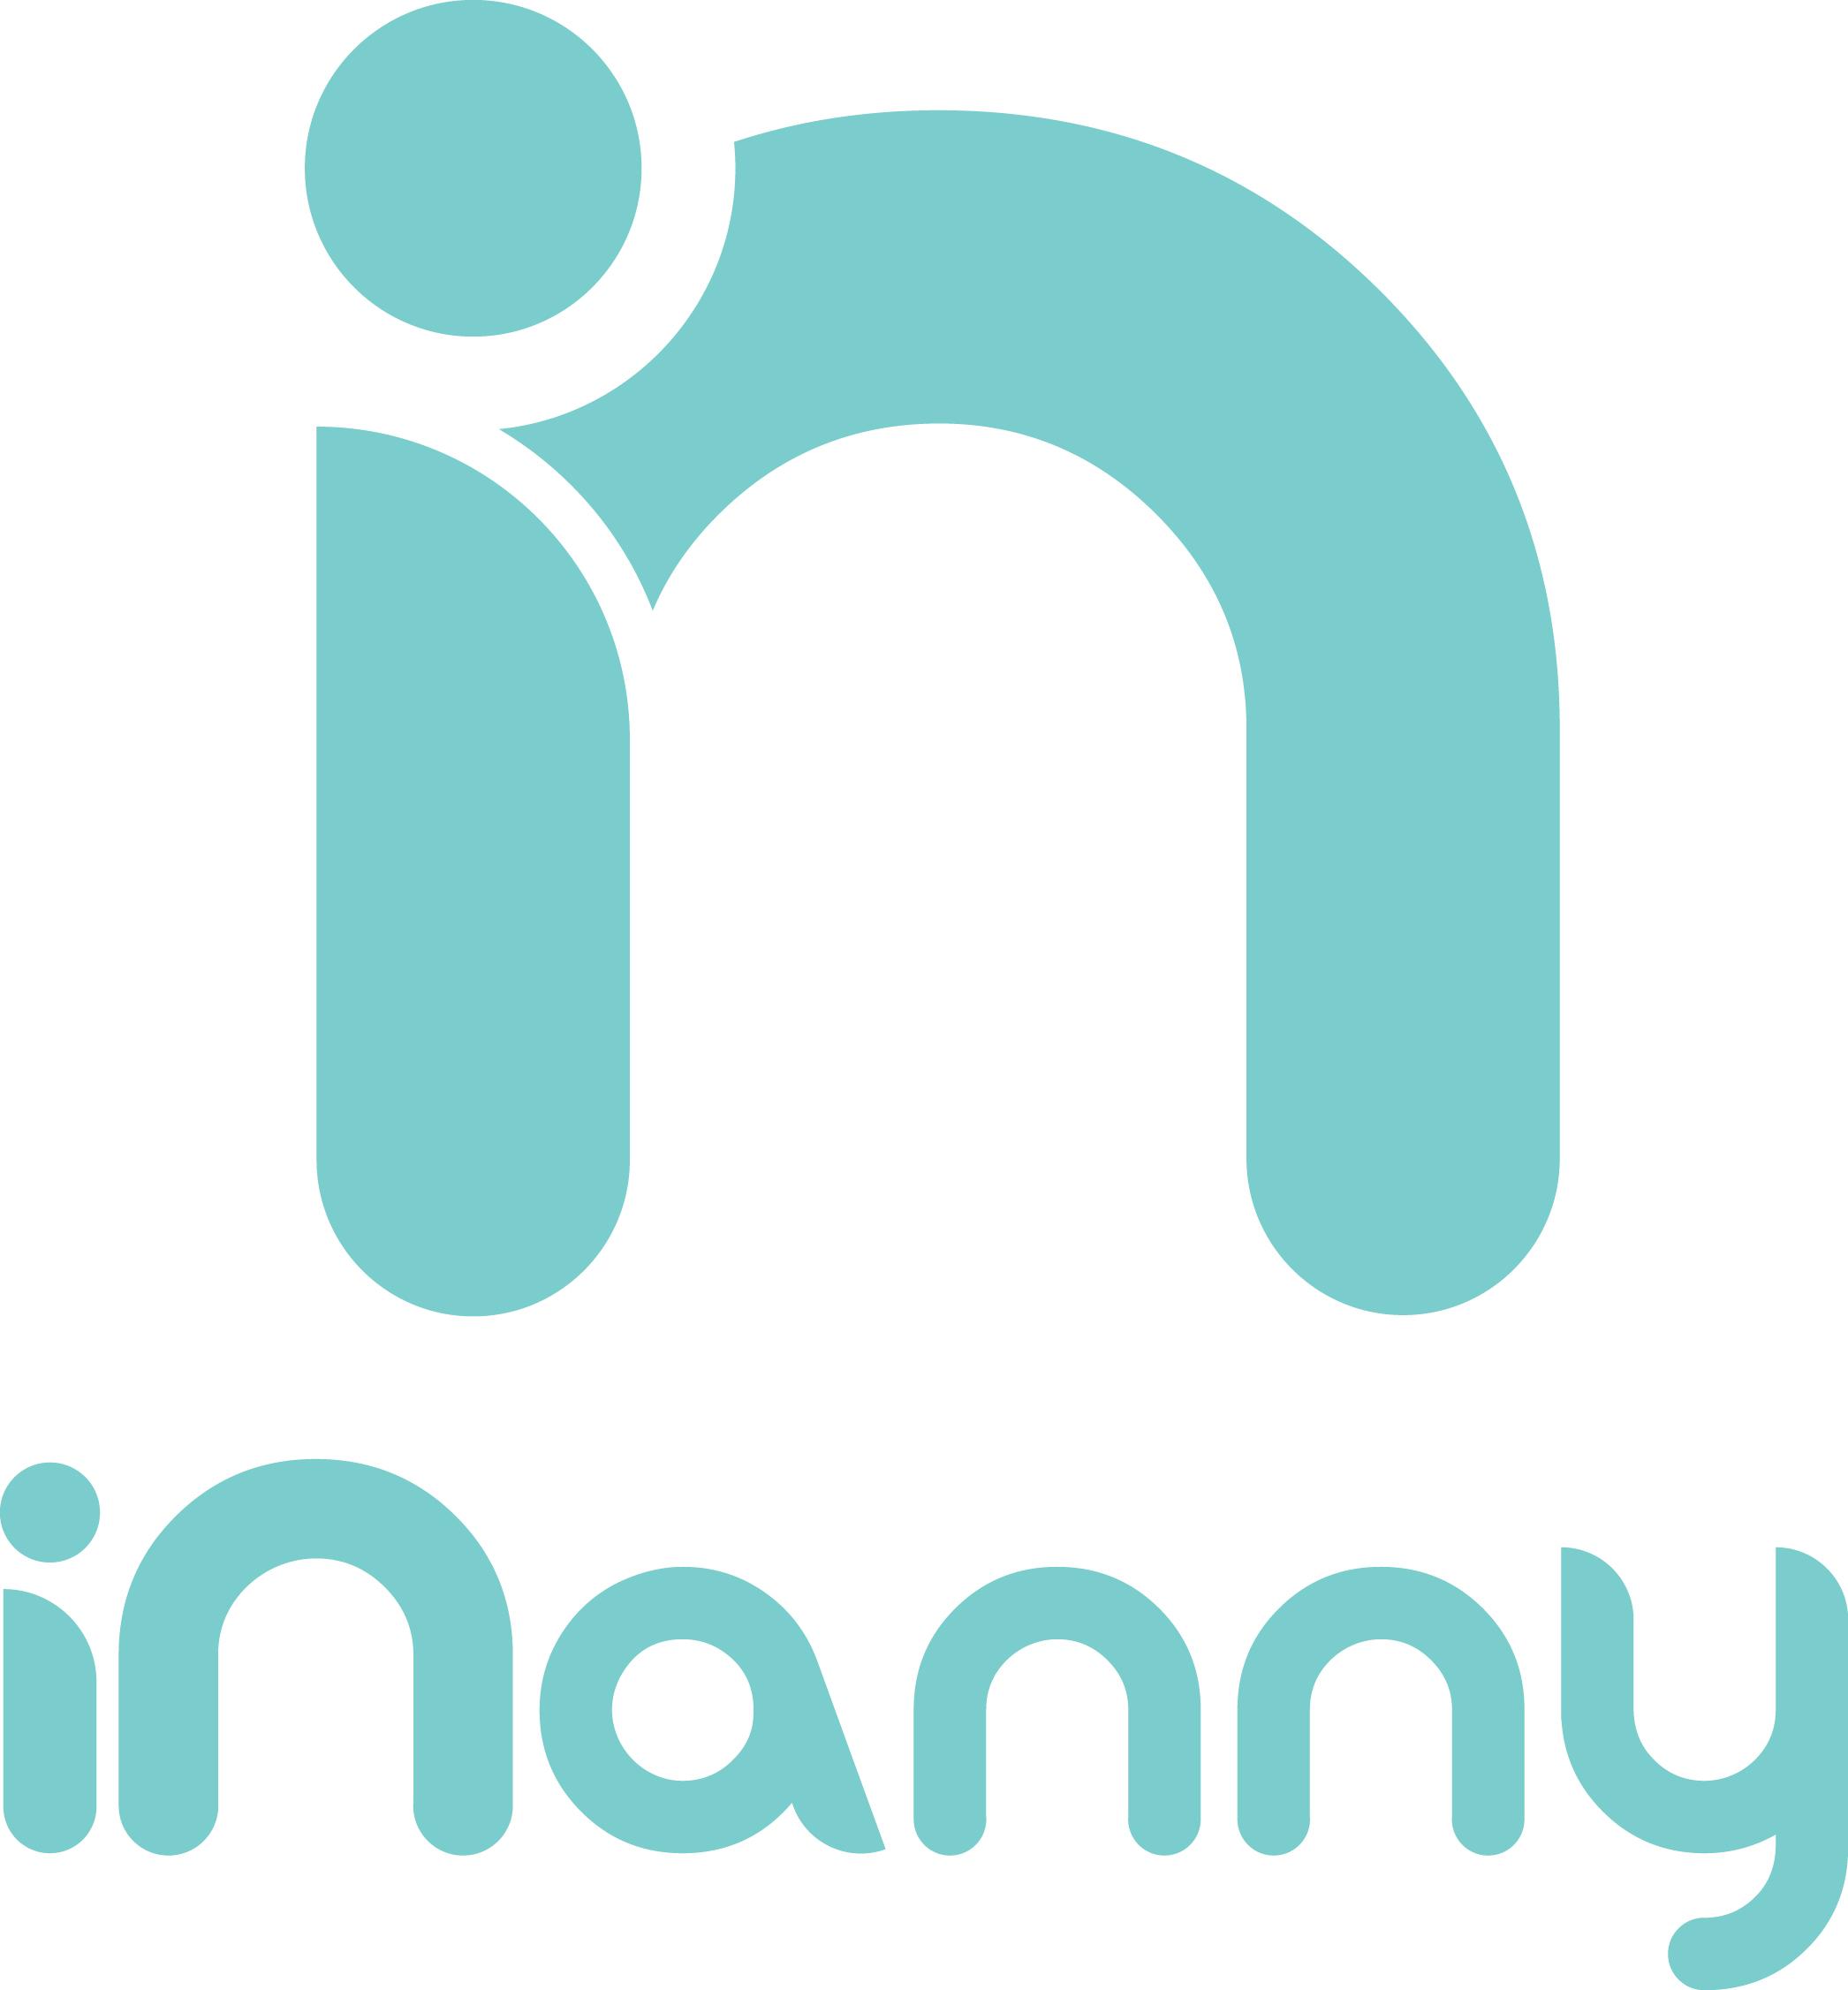 inanny_logo_.jpg